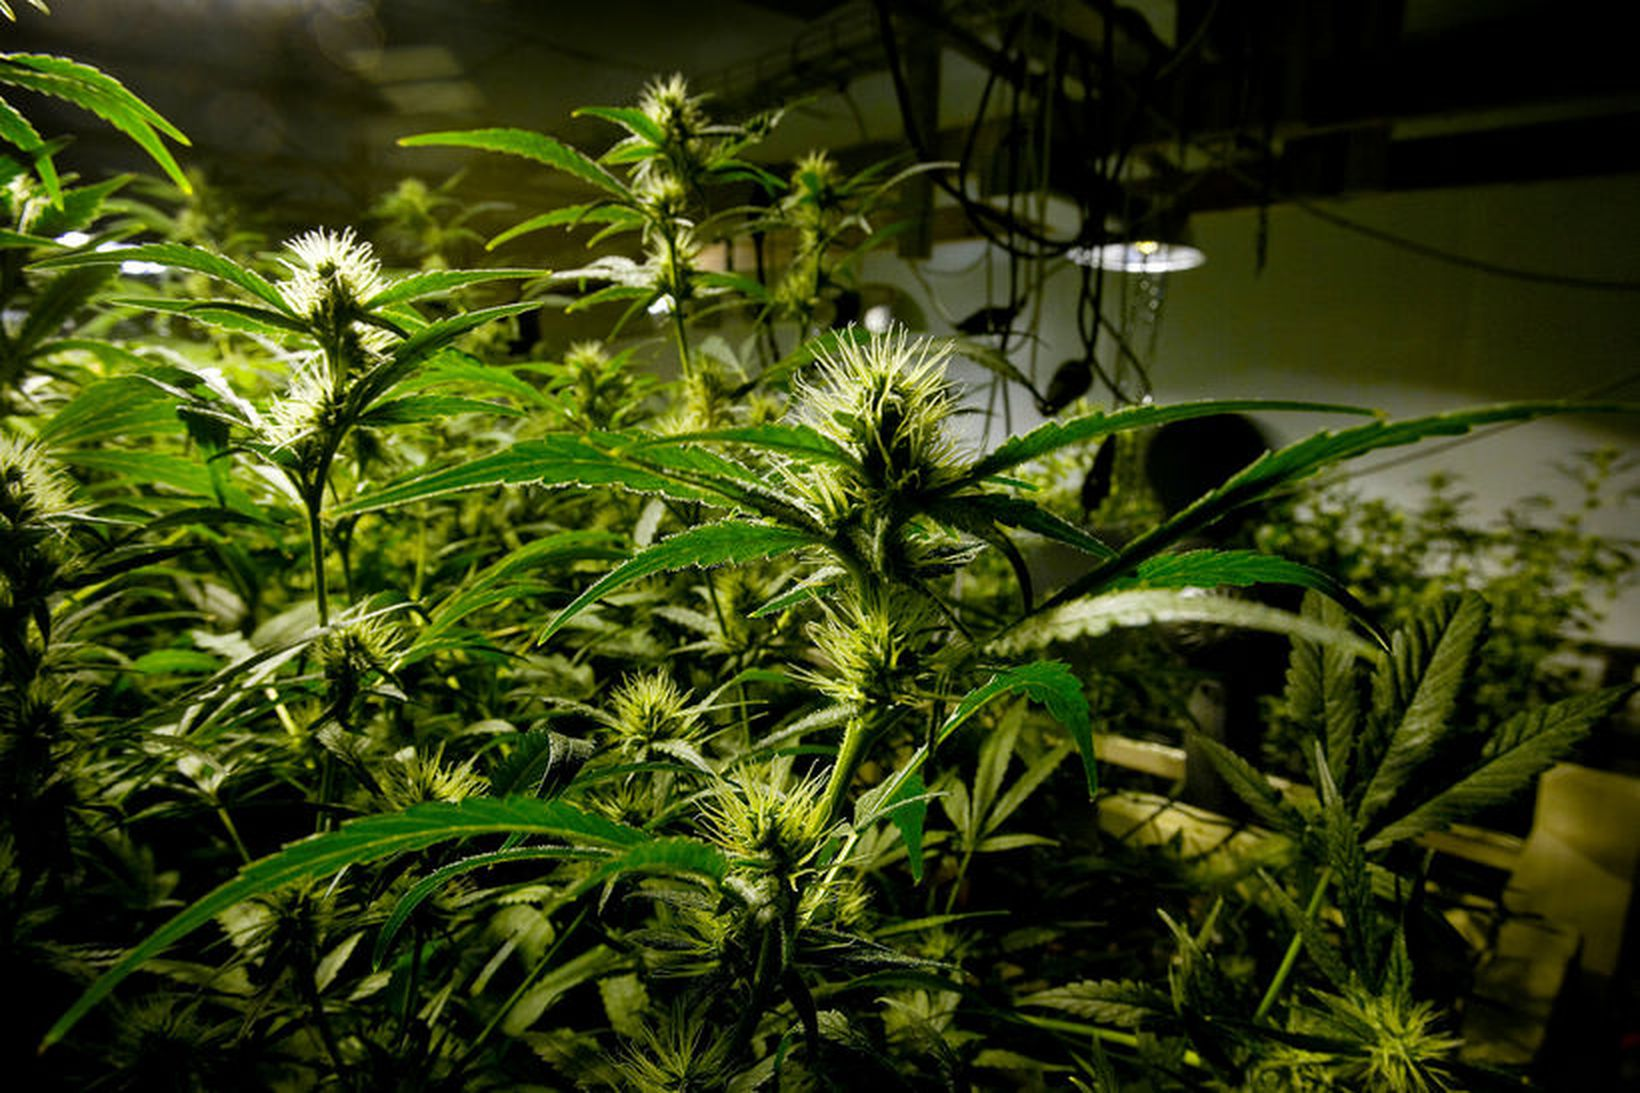 Kannabisplöntur. Mynd úr safni.